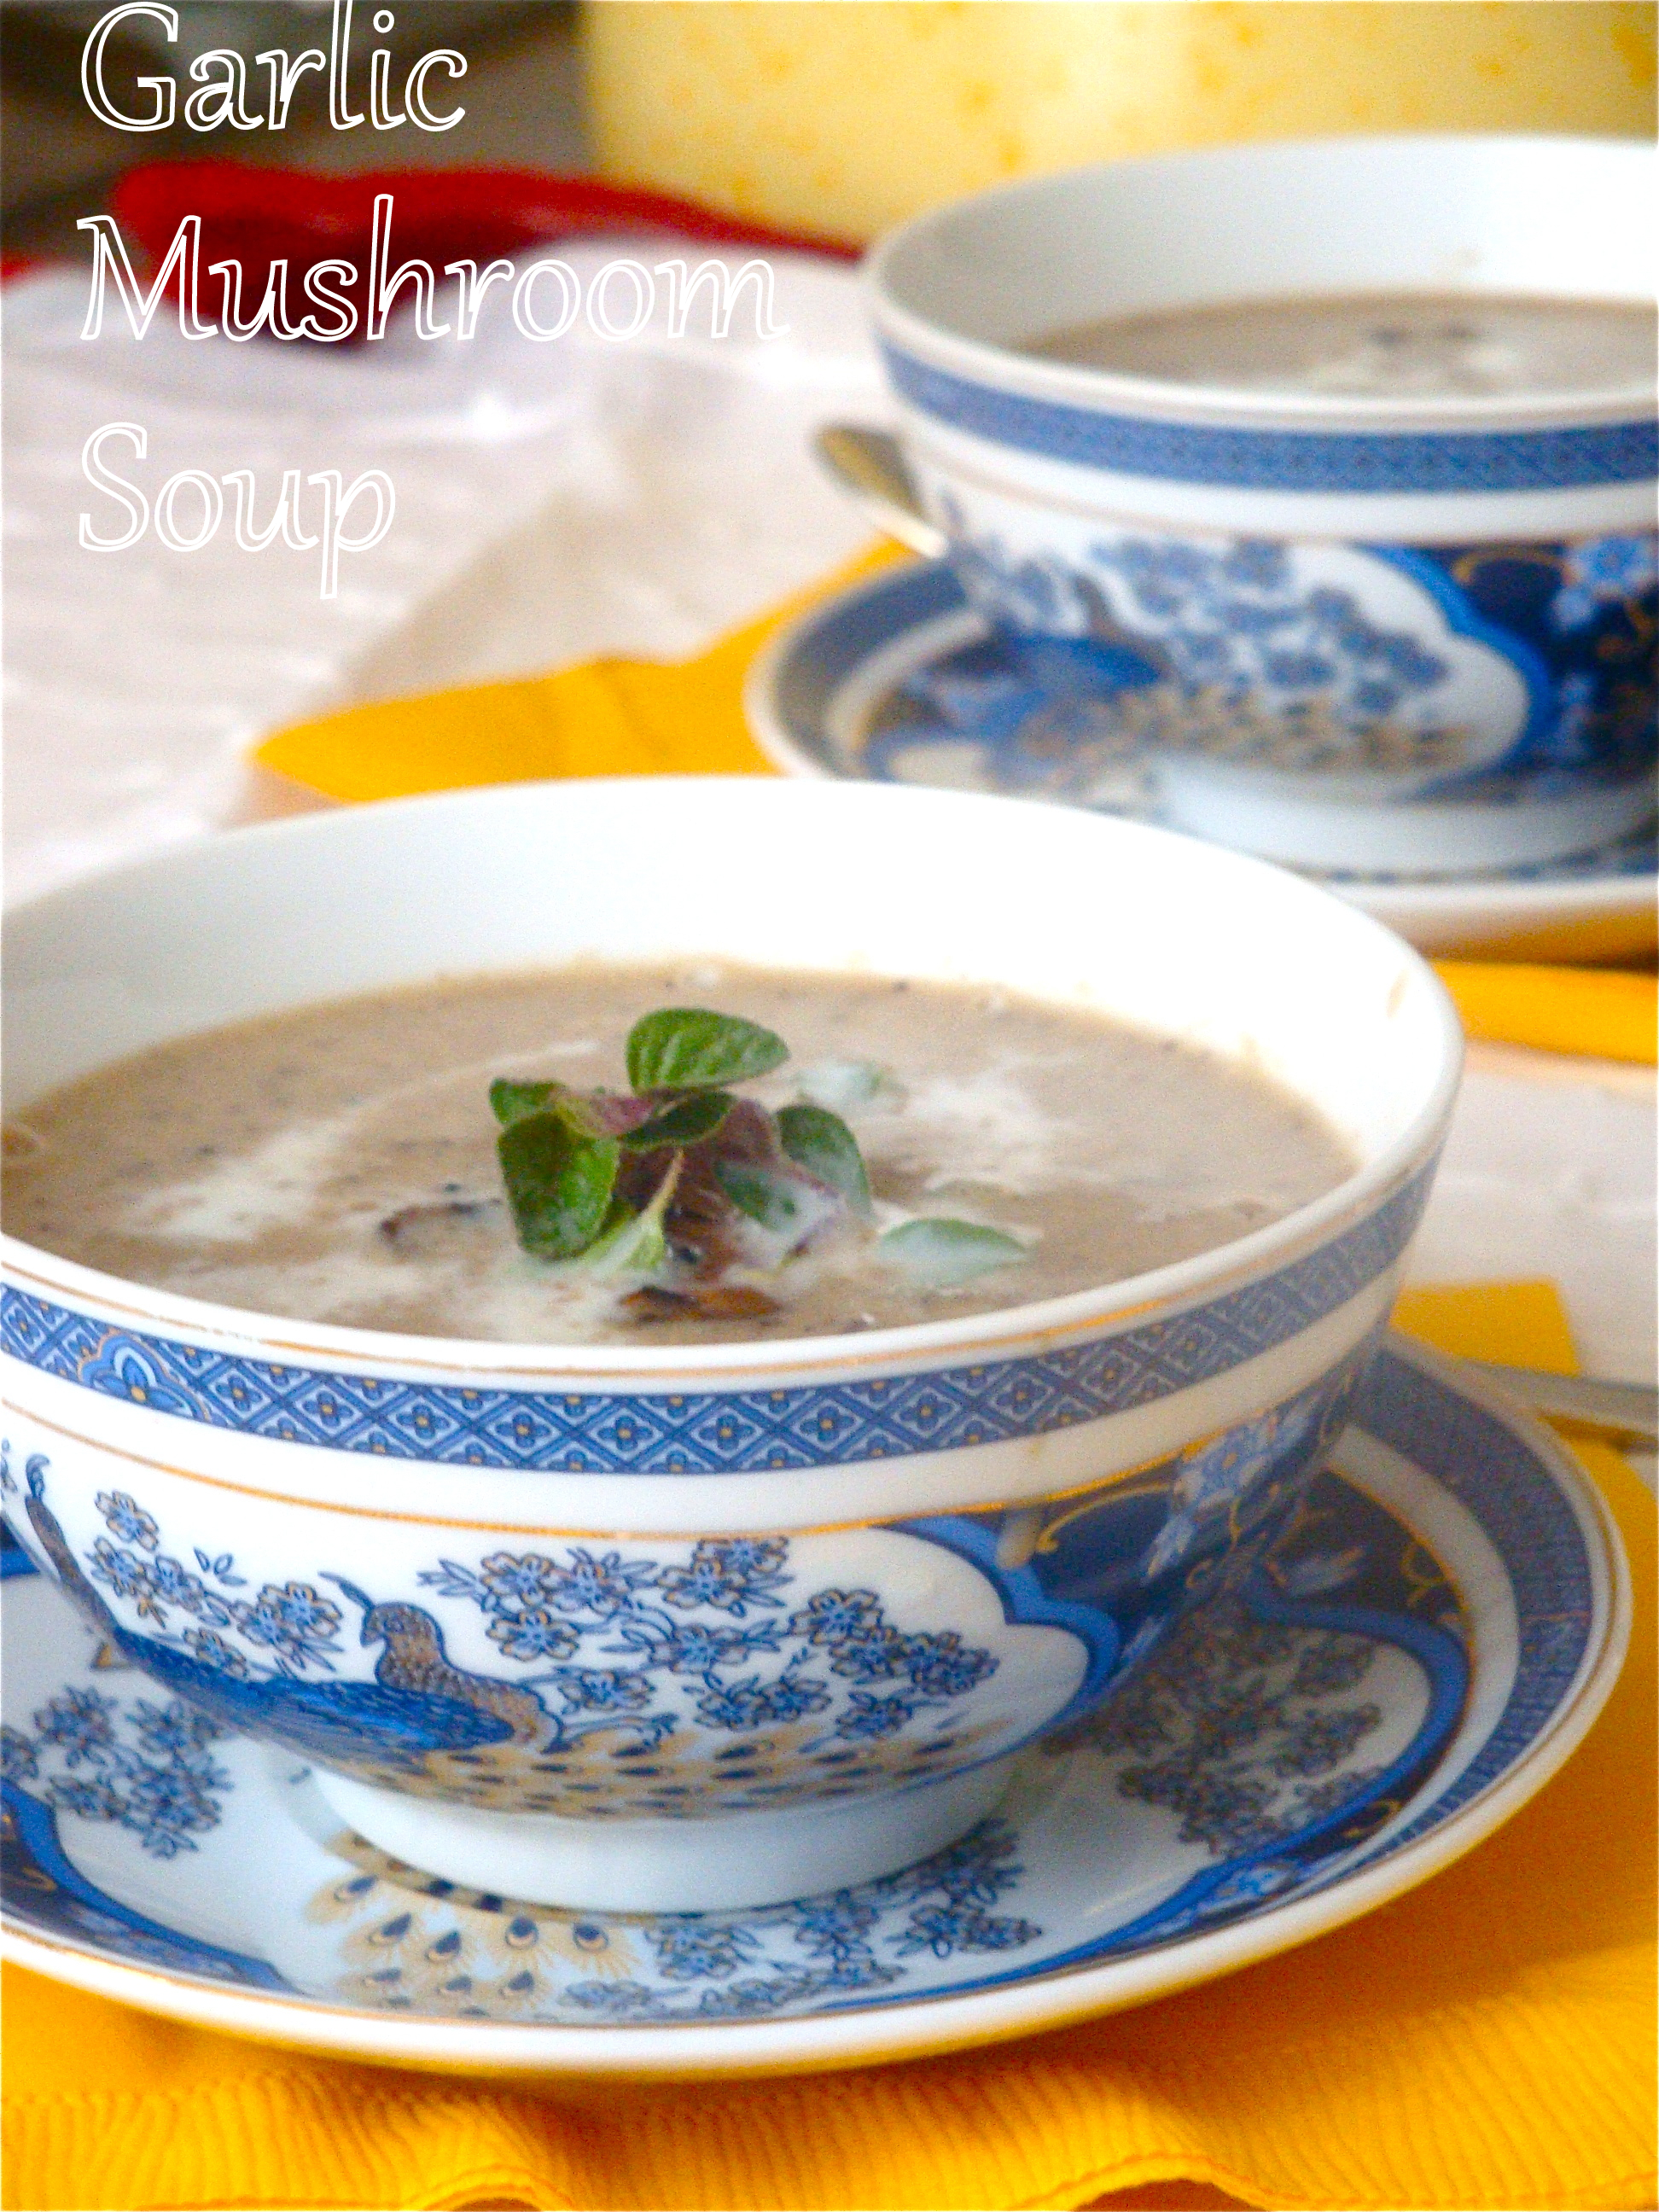 ... mushroom soup bourdain s mushroom soup hungarian mushroom soup garlic